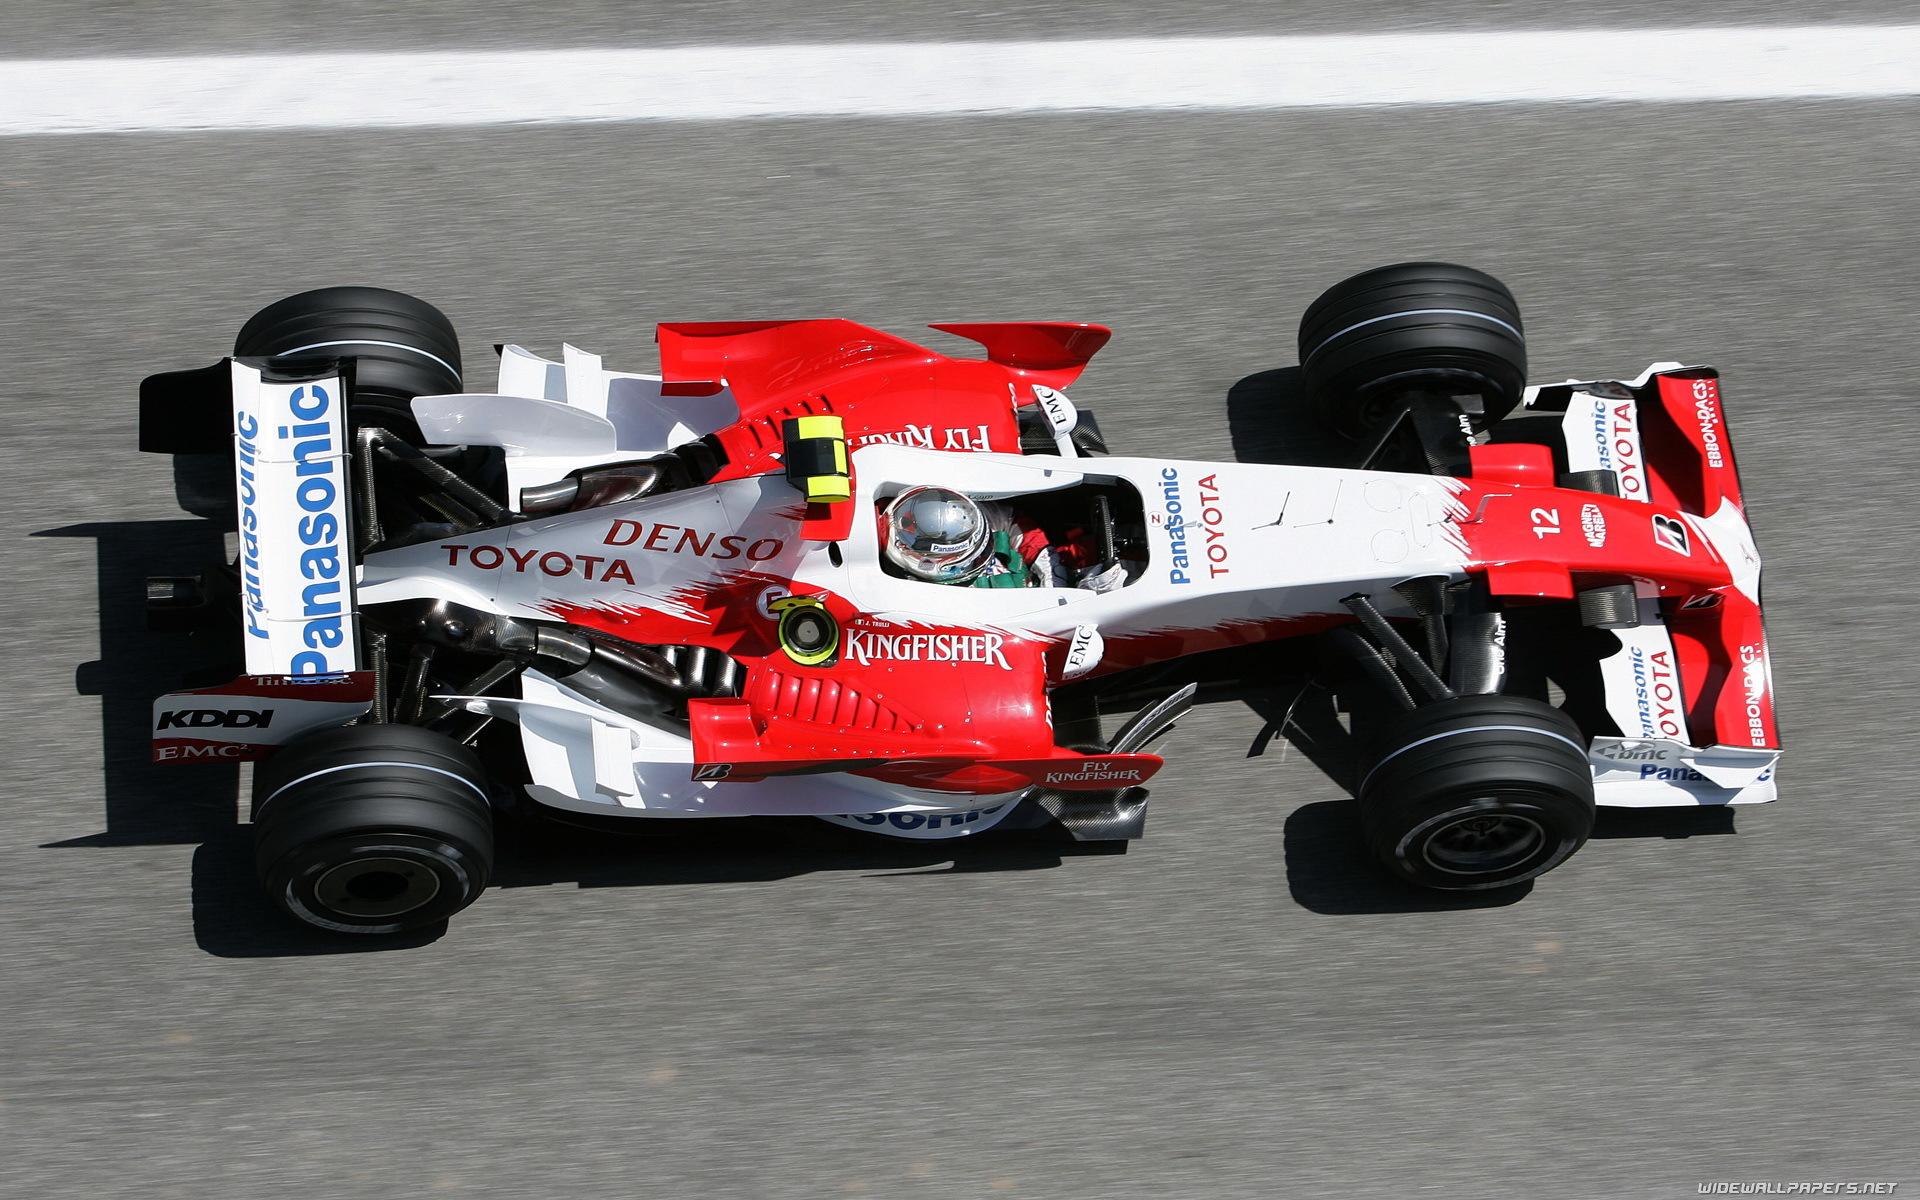 23276 скачать обои Спорт, Транспорт, Машины, Формула-1 (Formula-1, F1) - заставки и картинки бесплатно